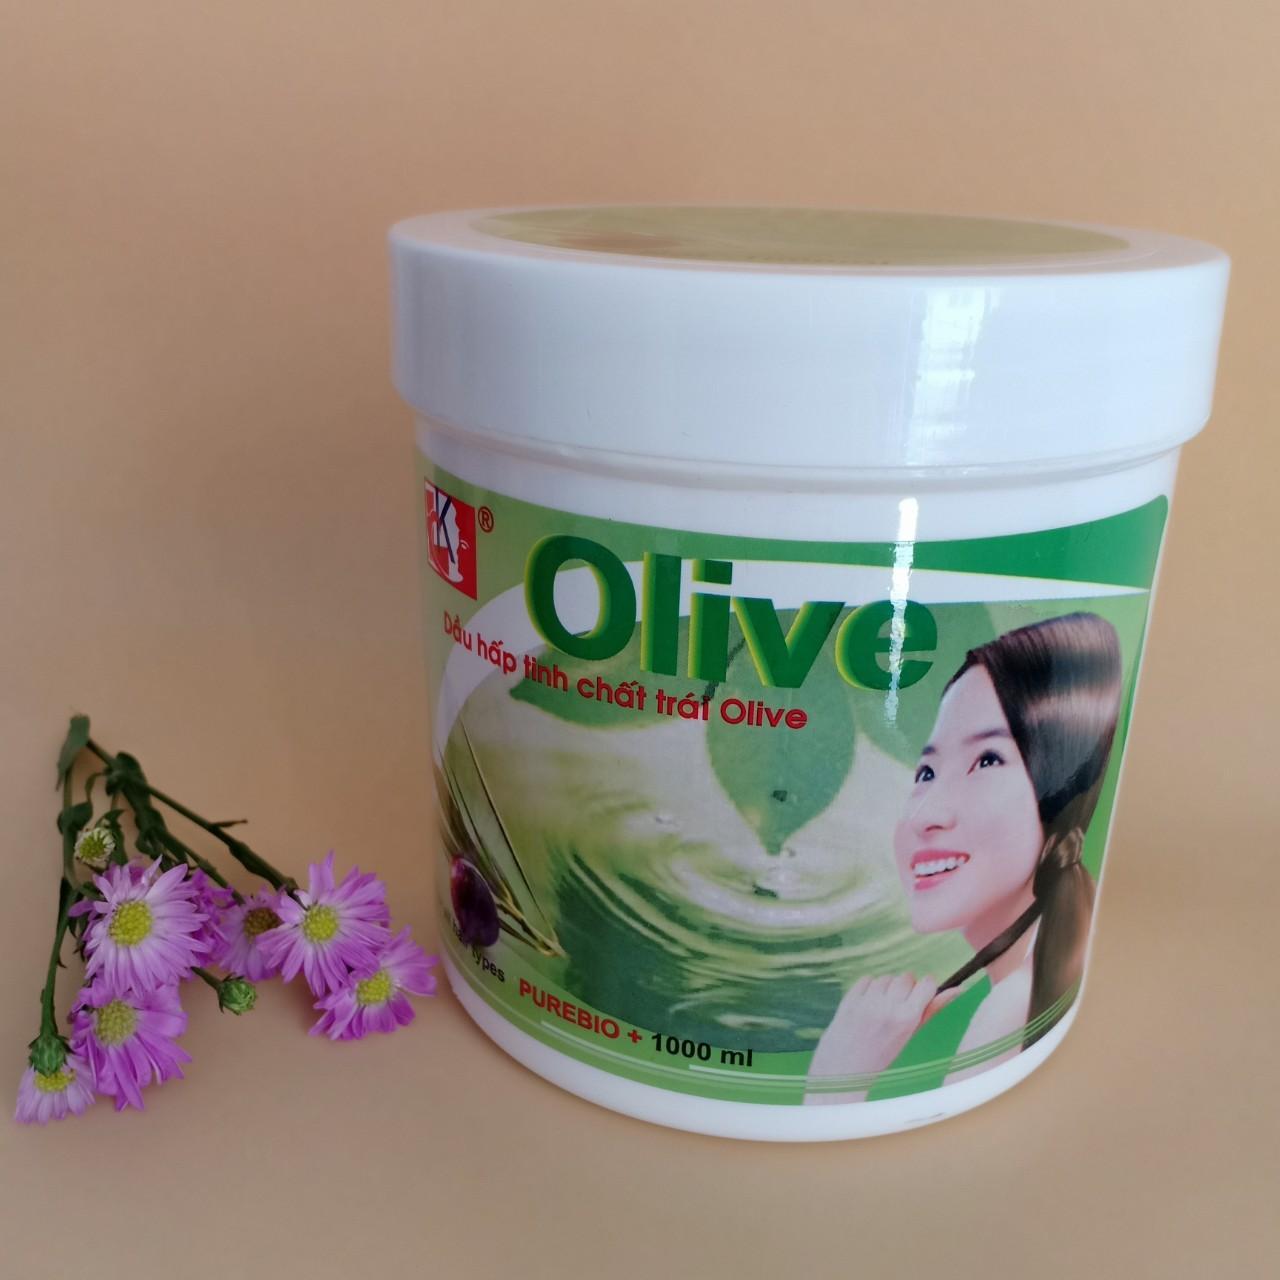 Dầu hấp tinh chất trái Olive 1000ml (Xanh - Trắng) giá rẻ